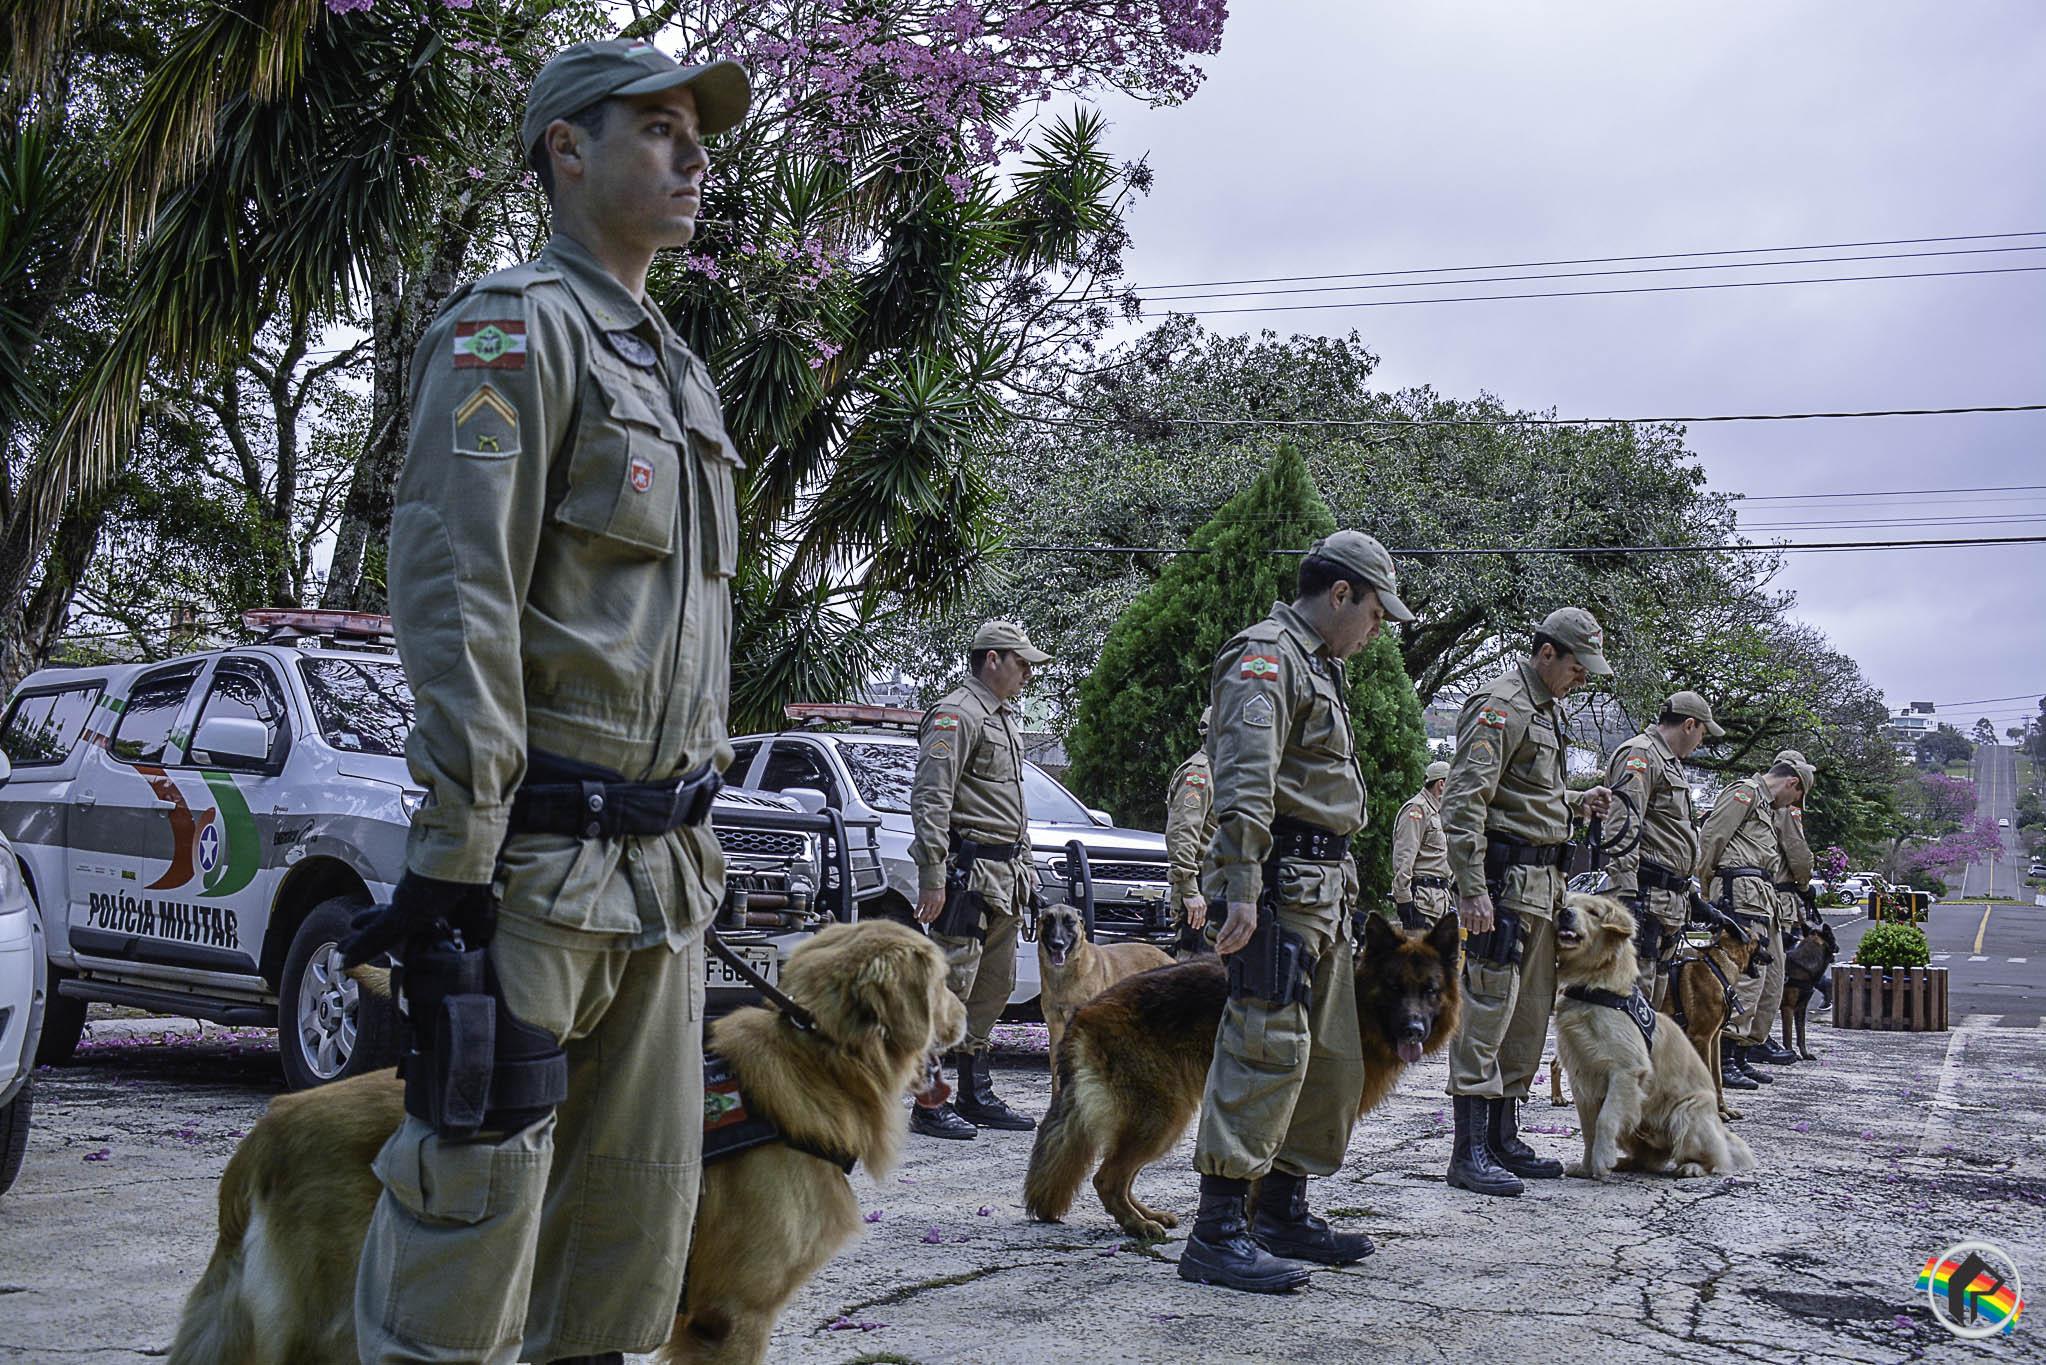 Policiais Militares do 11º BPM/Fron realizam operação na região extremo oeste